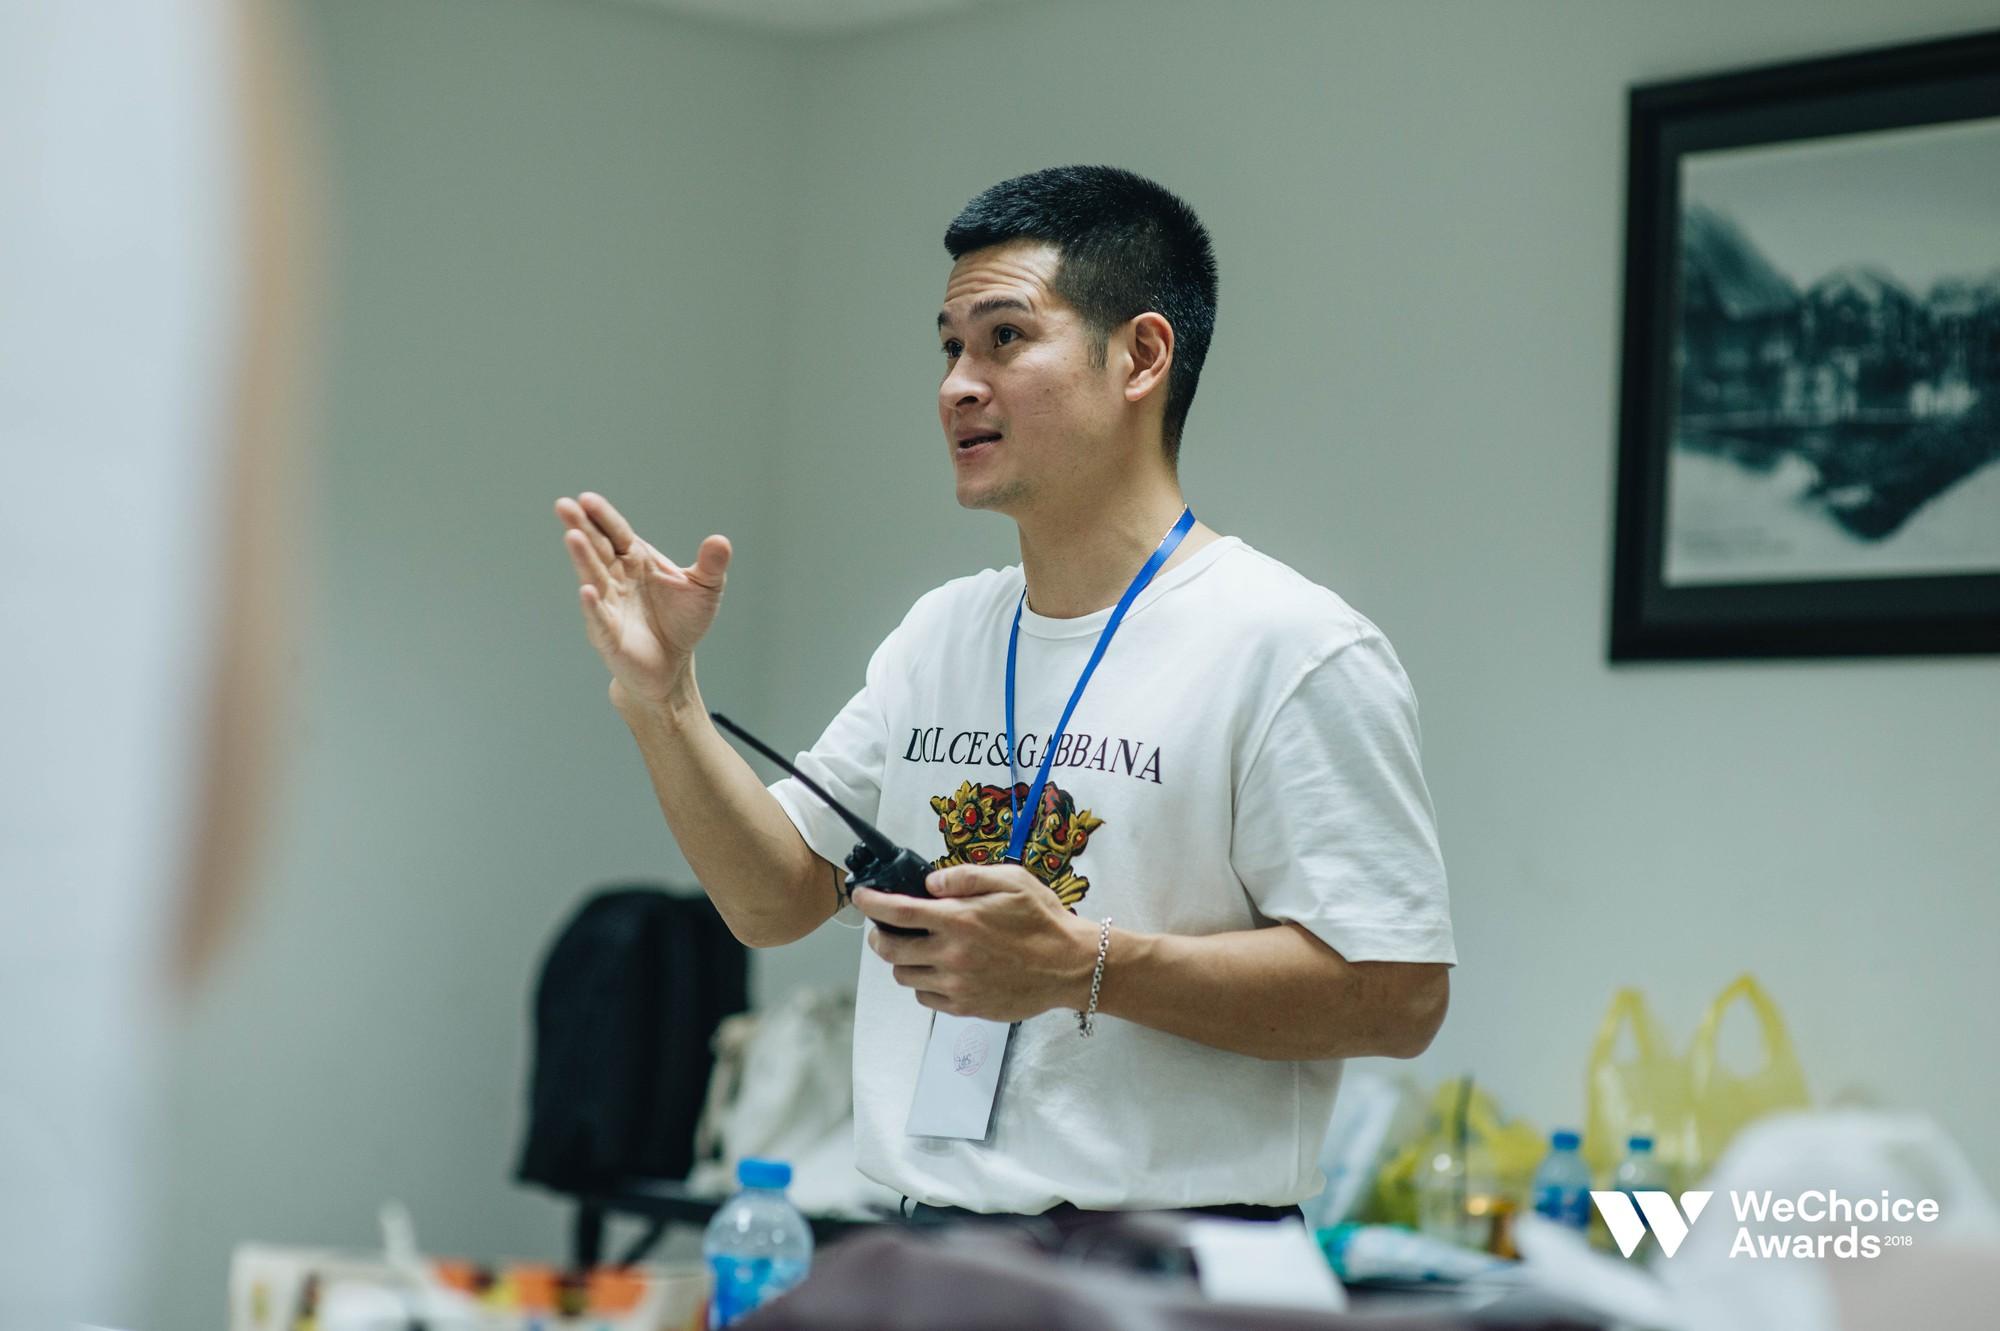 Đạo diễn Việt Tú hé lộ chìa khóa thành công của Gala WeChoice Awards 2018: Hoành tráng chưa đủ, quan trọng là thông điệp - Ảnh 11.